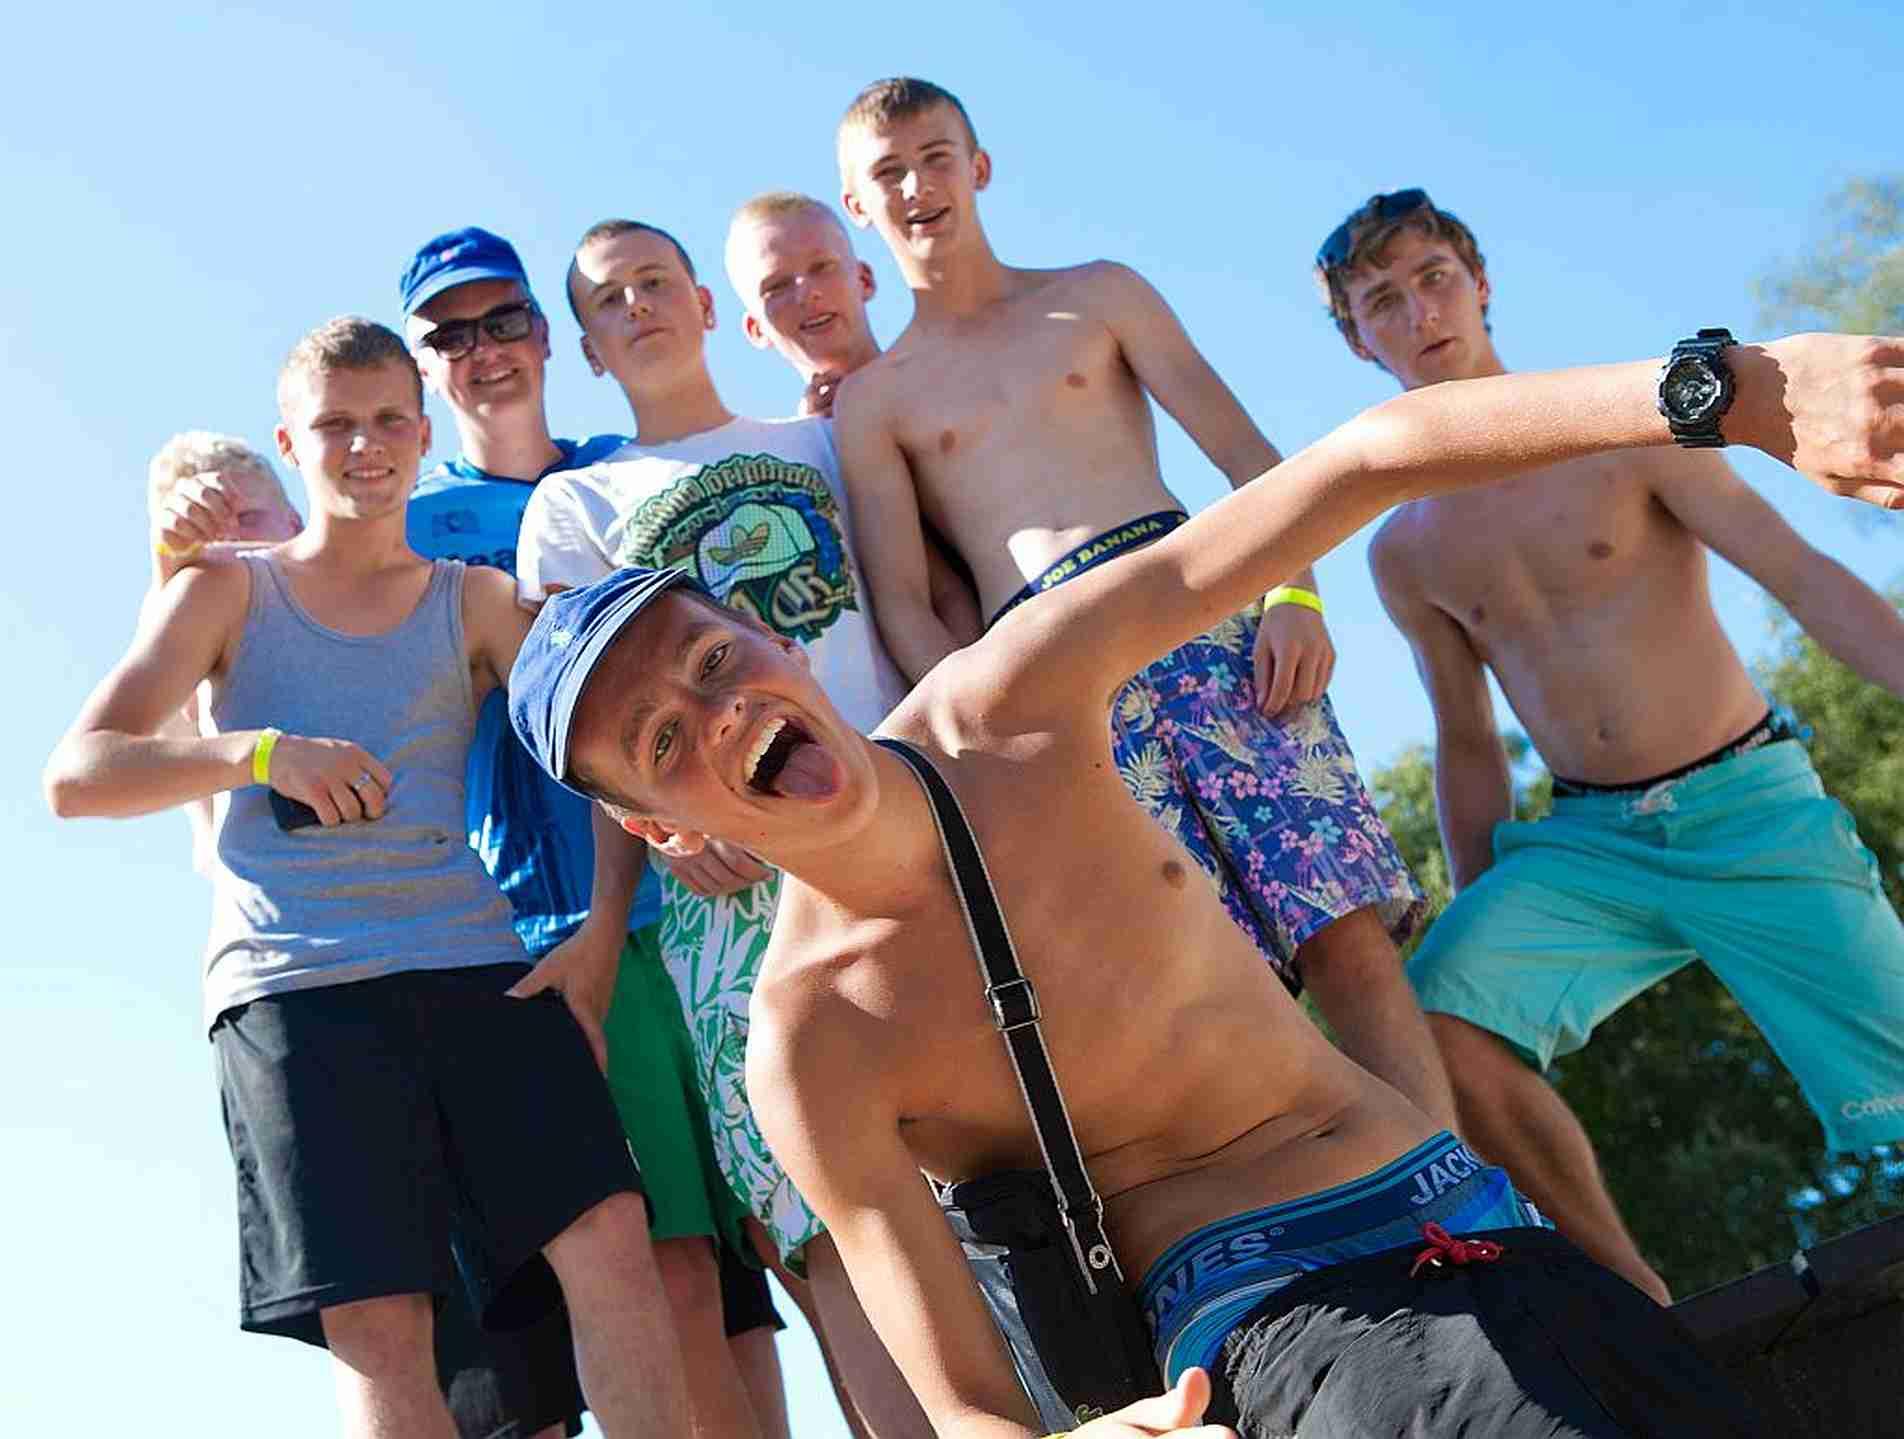 Jeugdcamping in Overijssel voor gezinnen met tieners - Jeugdcamping in prachtig Overijssel